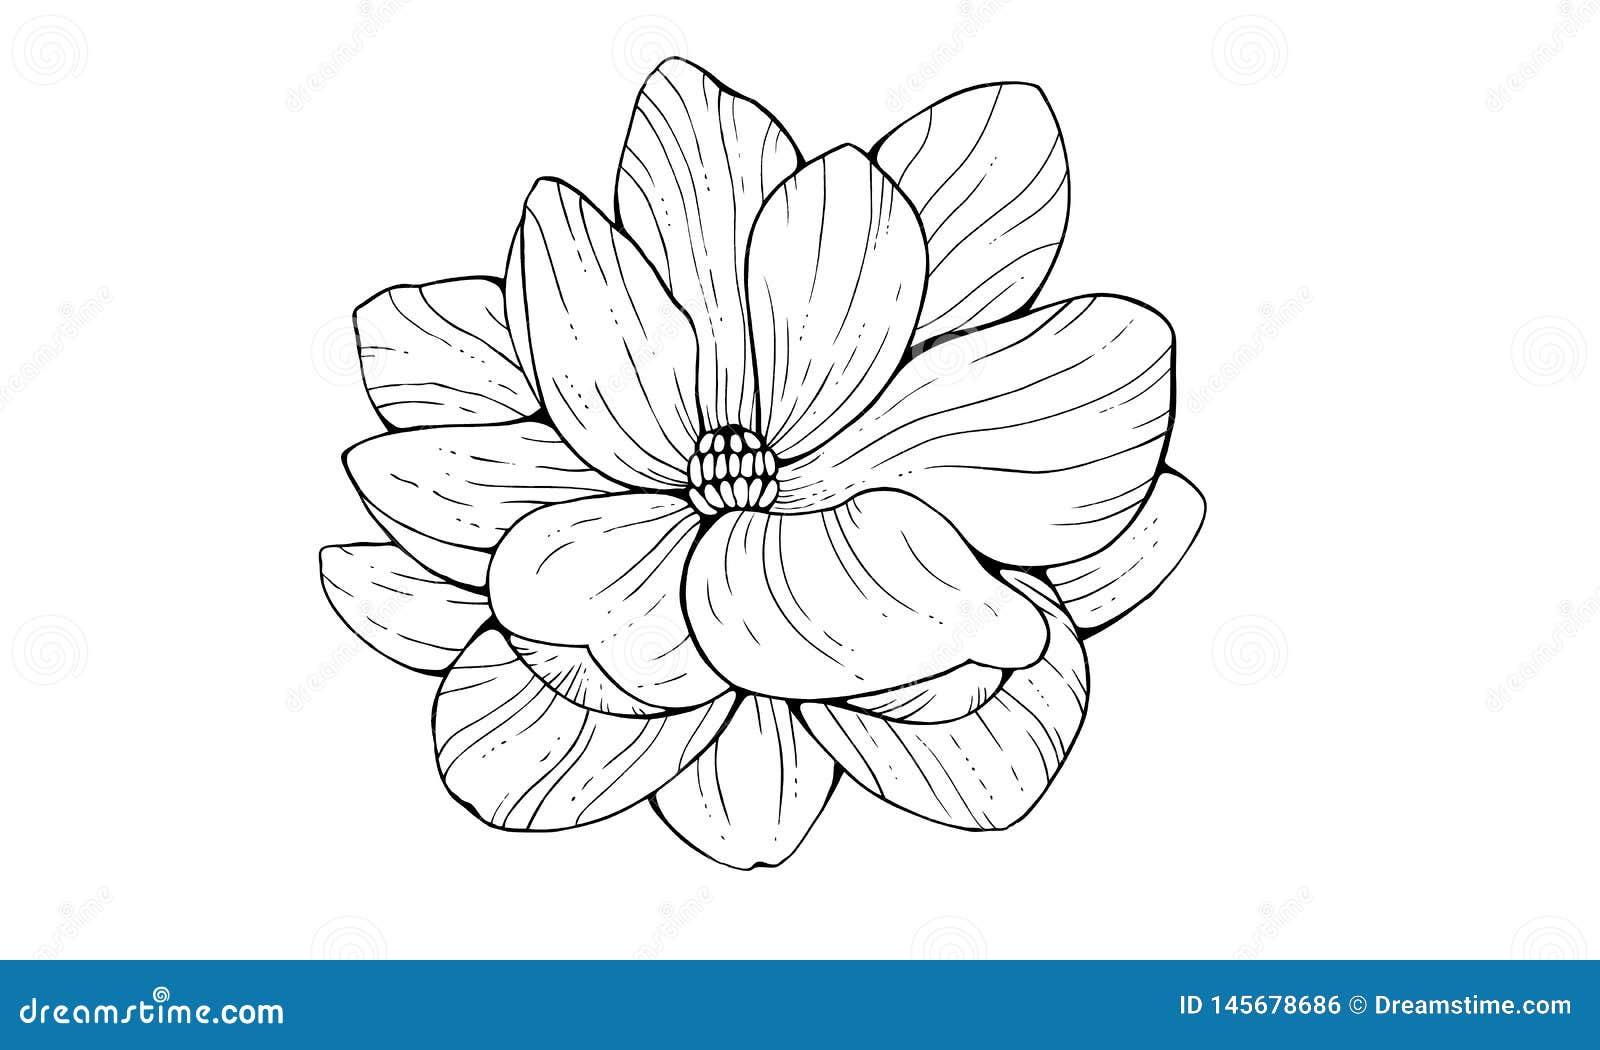 Magnolienblume in der Konturnart lokalisiert auf weißem Hintergrund